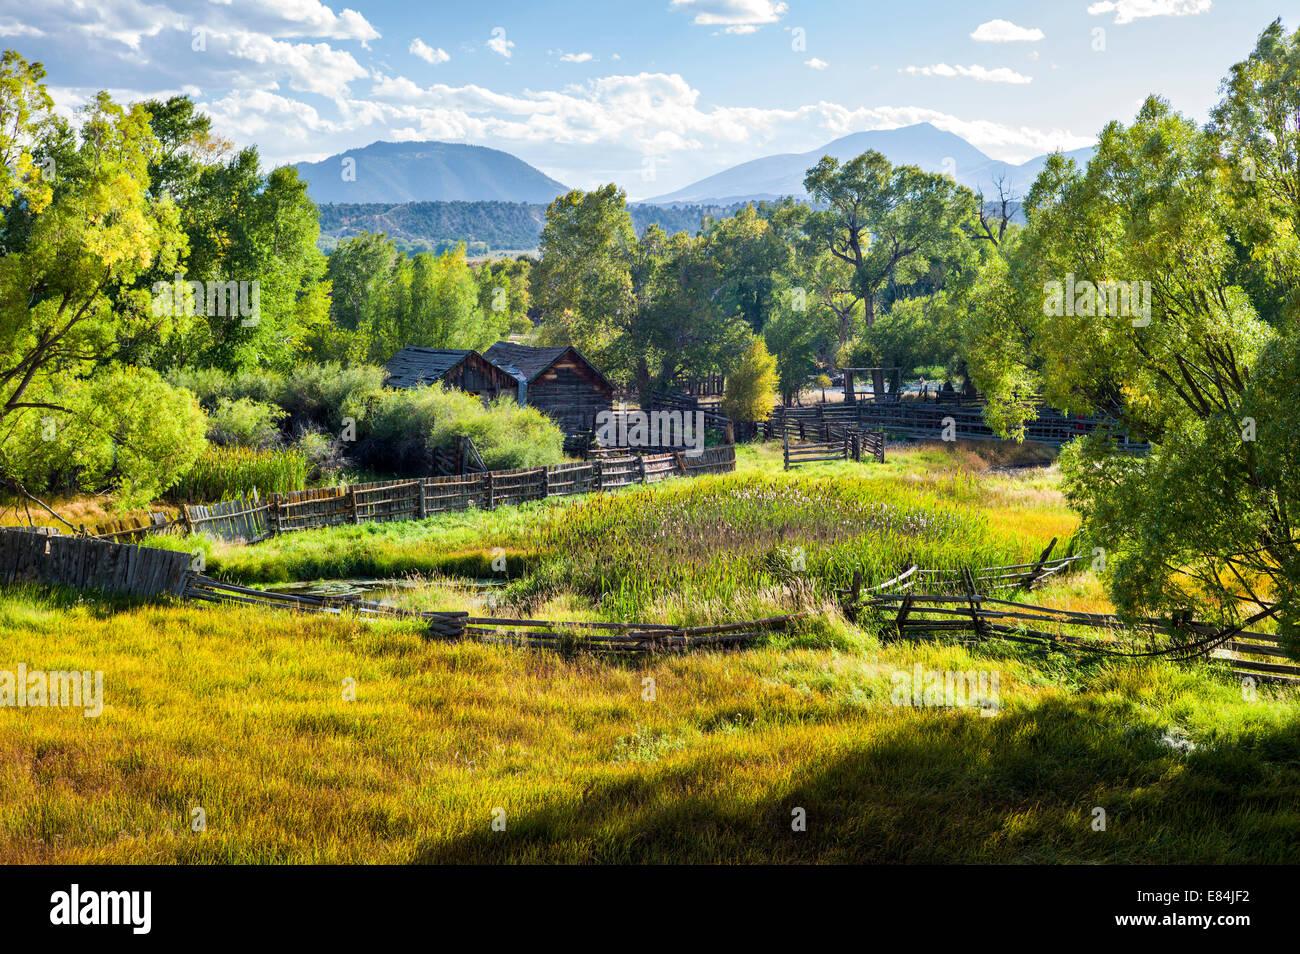 Pappel Baum & üppigen Weiden entlang des Arkansas River, Rocky Mountains hinaus zentralen Colorado, USA Stockbild